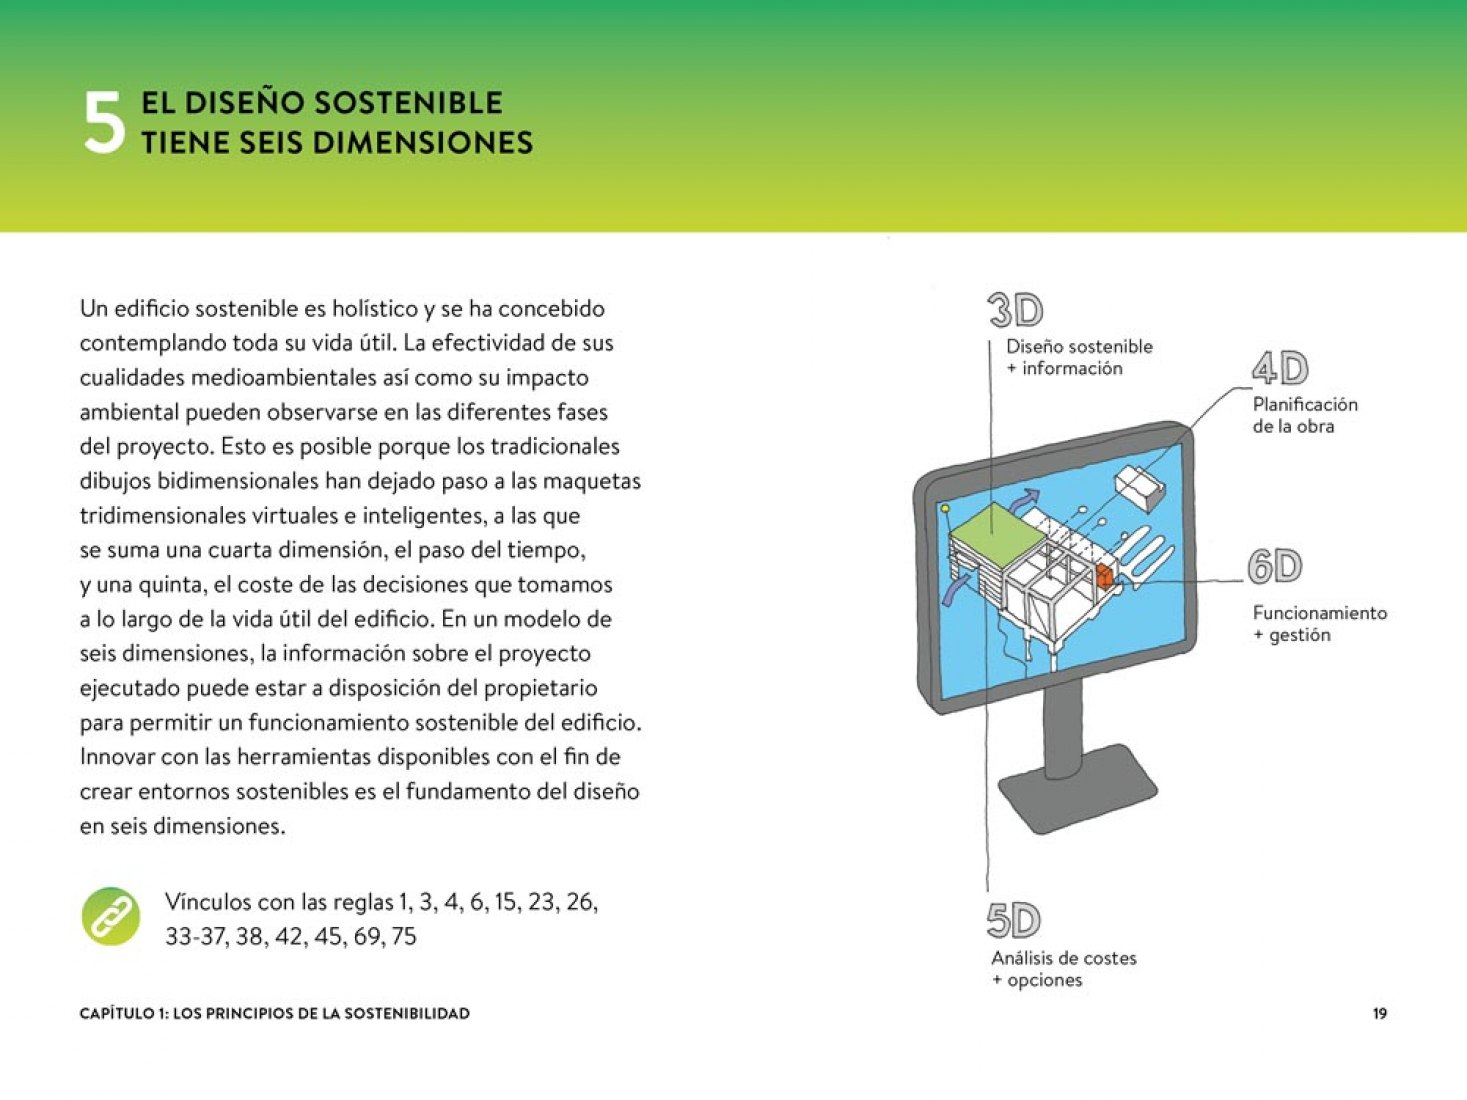 Página interior. 101 Reglas básicas para edificios y ciudades sostenibles por Huw Heywood. Imagen © cortesía de Editorial Gustavo Gili